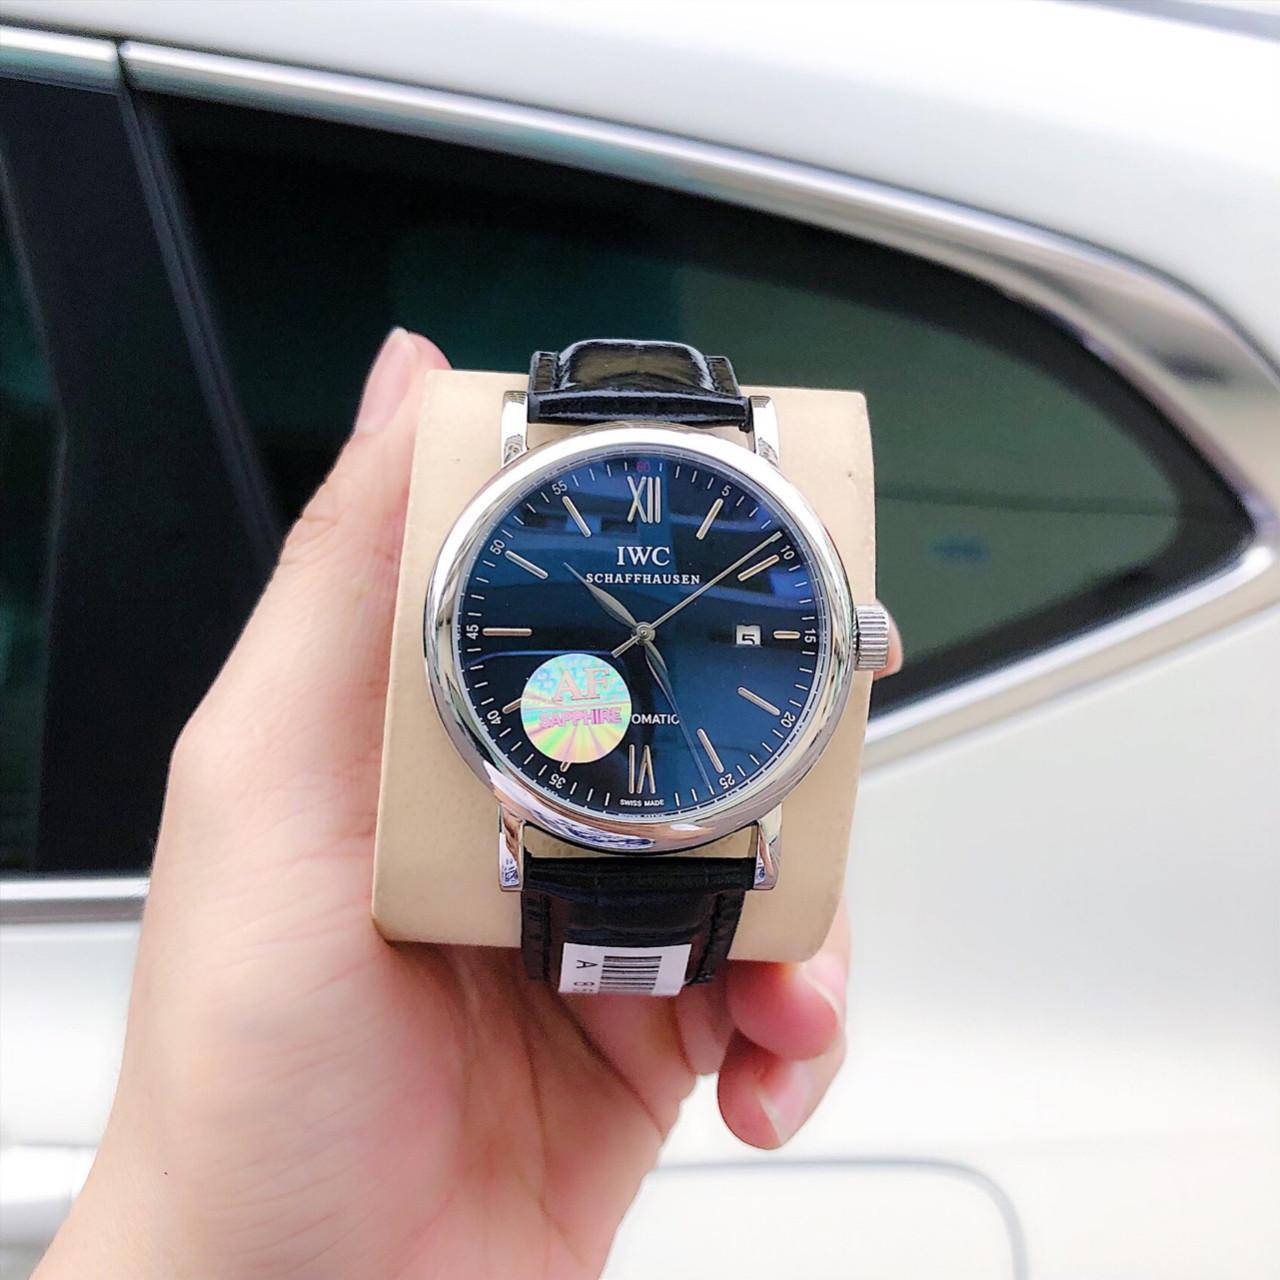 ĐỒNG HỒ NAM THỜI TRANG IWC SCHAFHAUSEN AUTOMATIC DÂY DA- SIZE 39MM - FULLBOX bán chạy